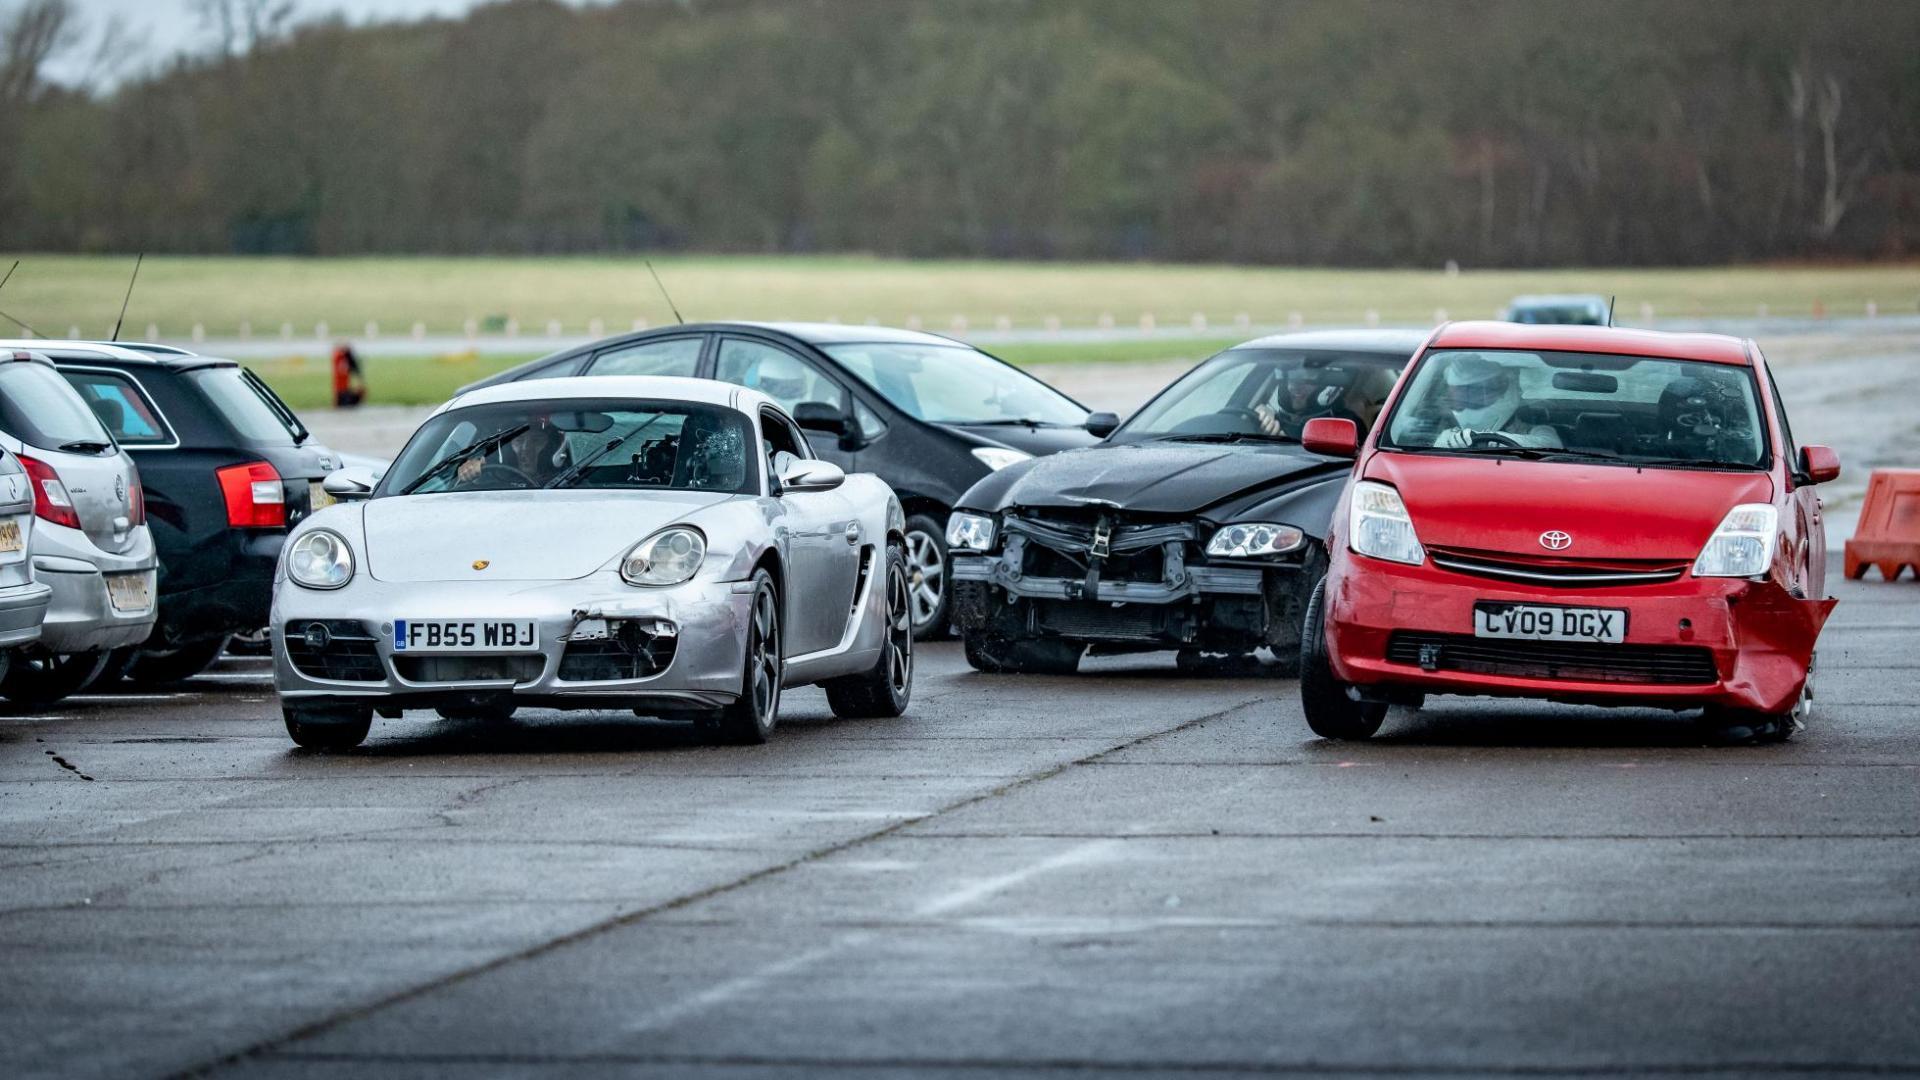 Toyota Prius Ford Focus ST MK1, Porsche Cayman, Maserati Quattroporte met schade